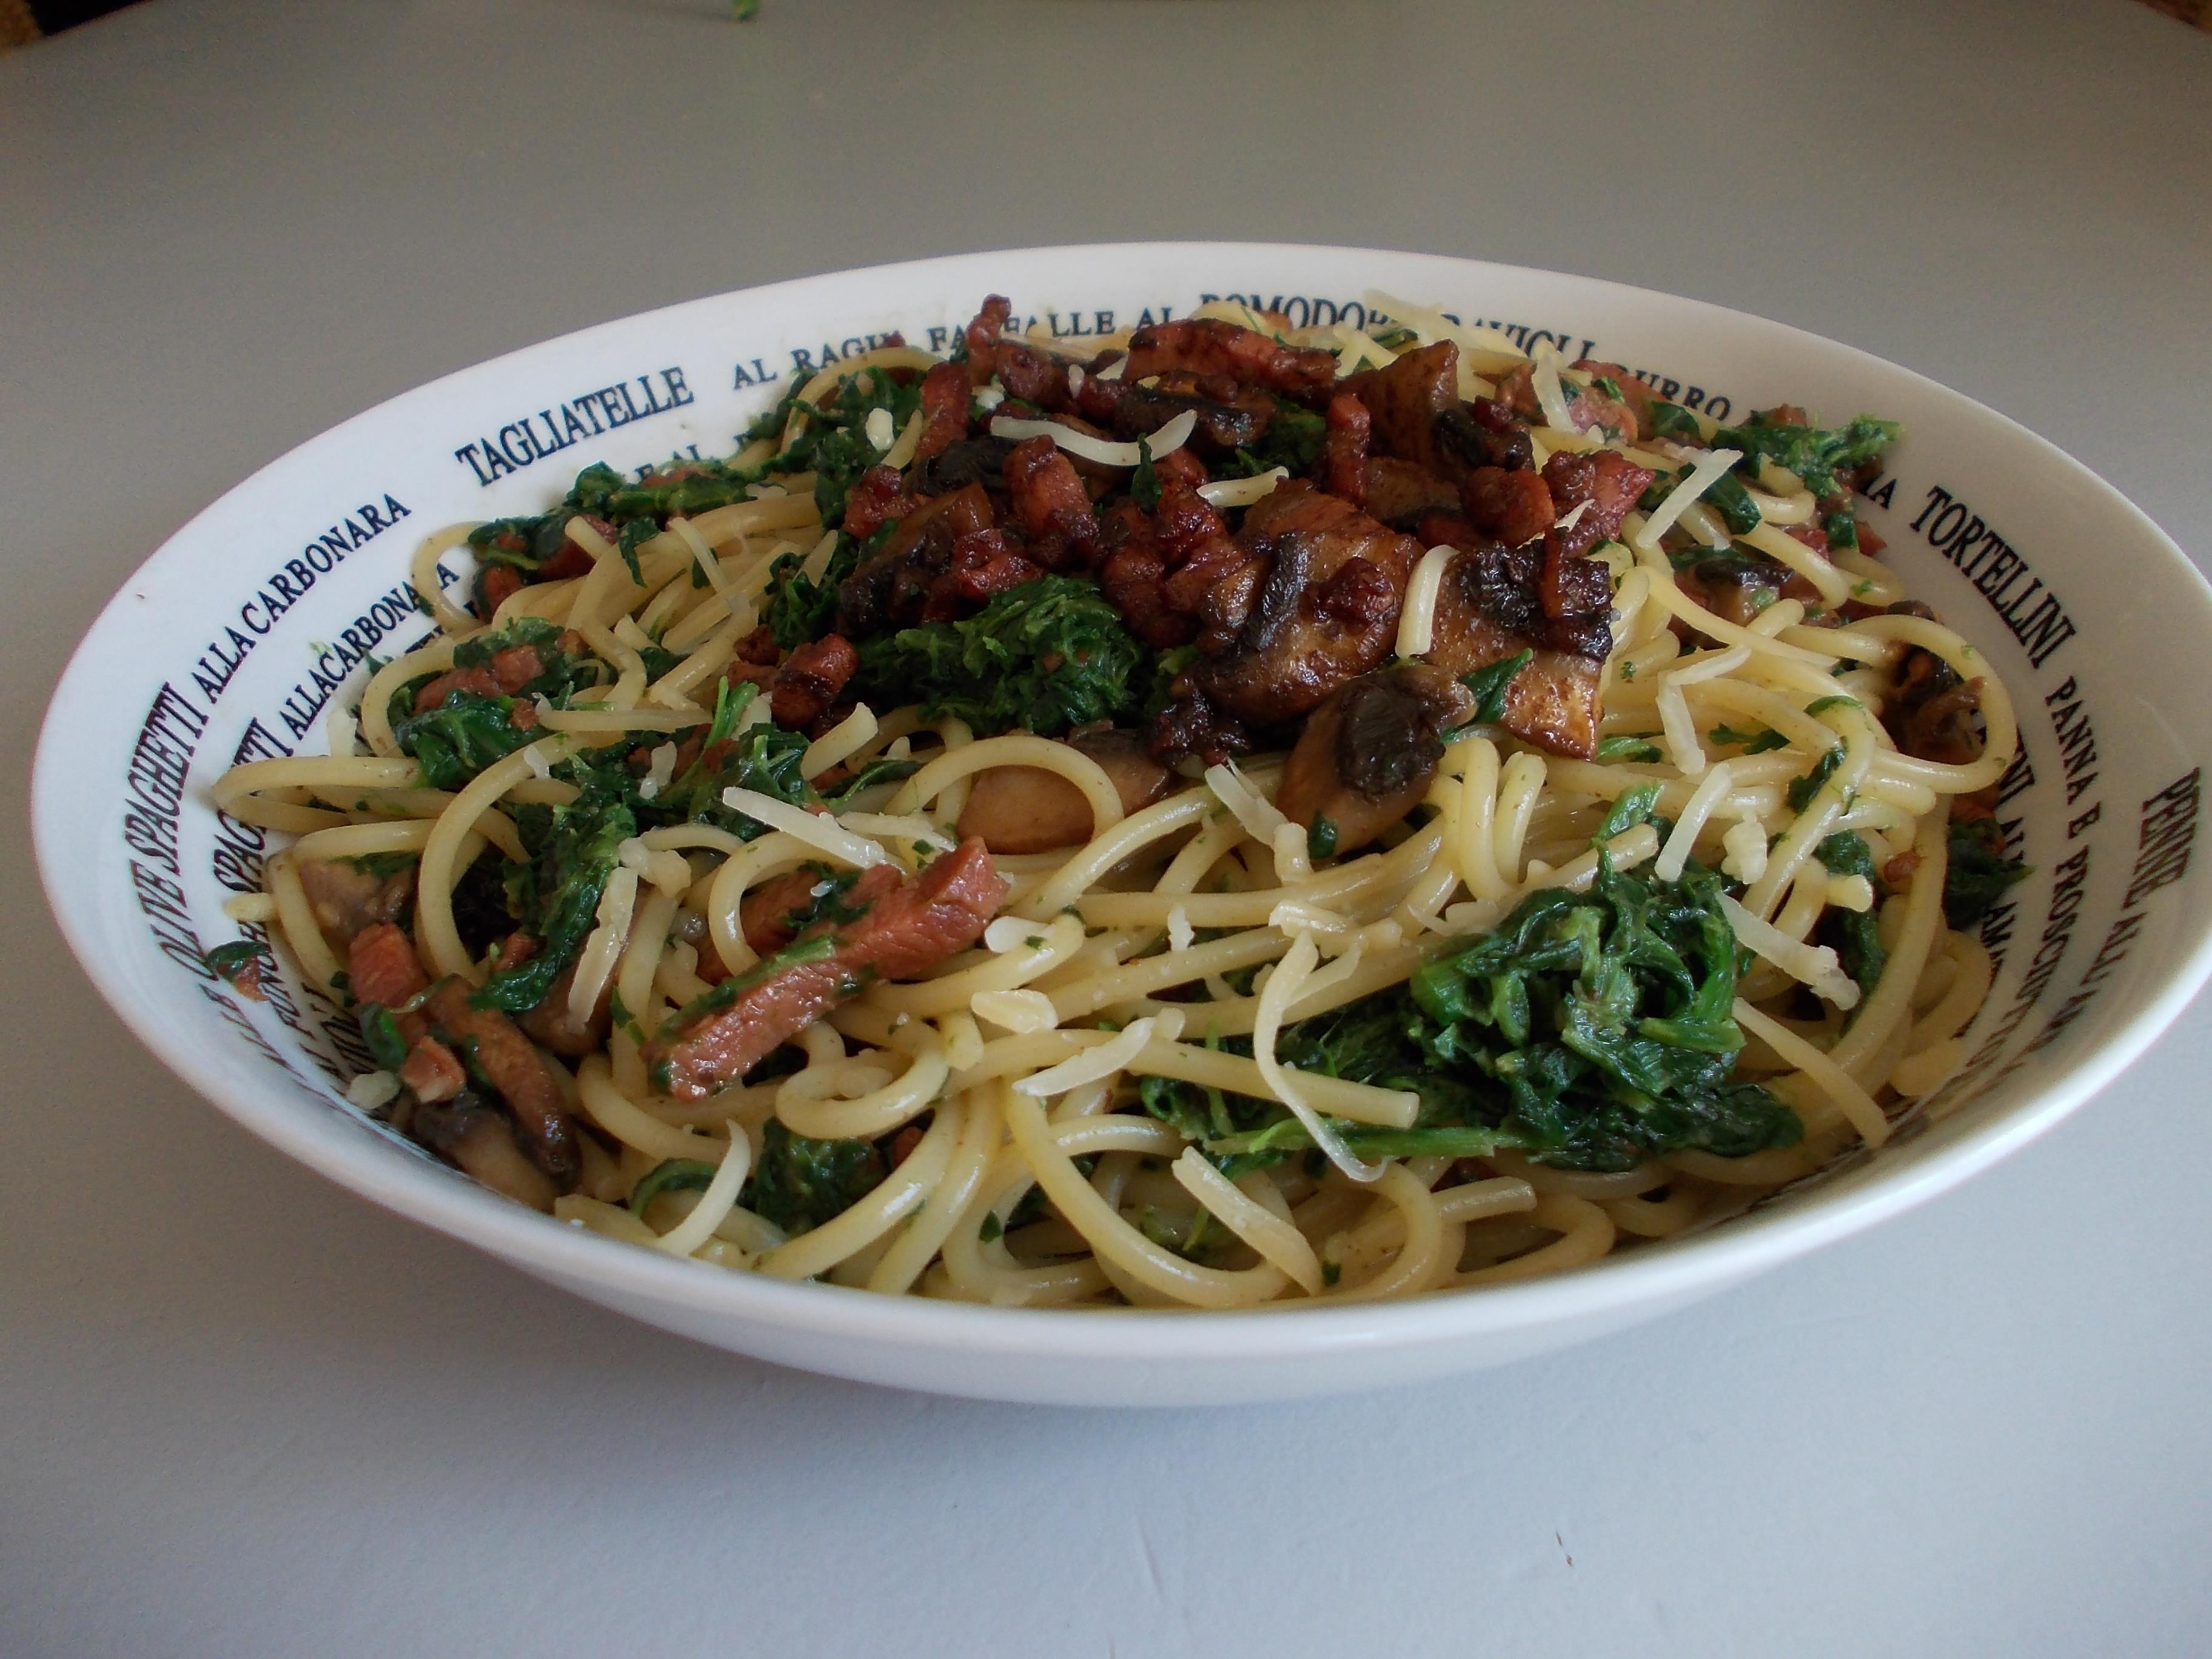 sandra spaghetti a la bloeb